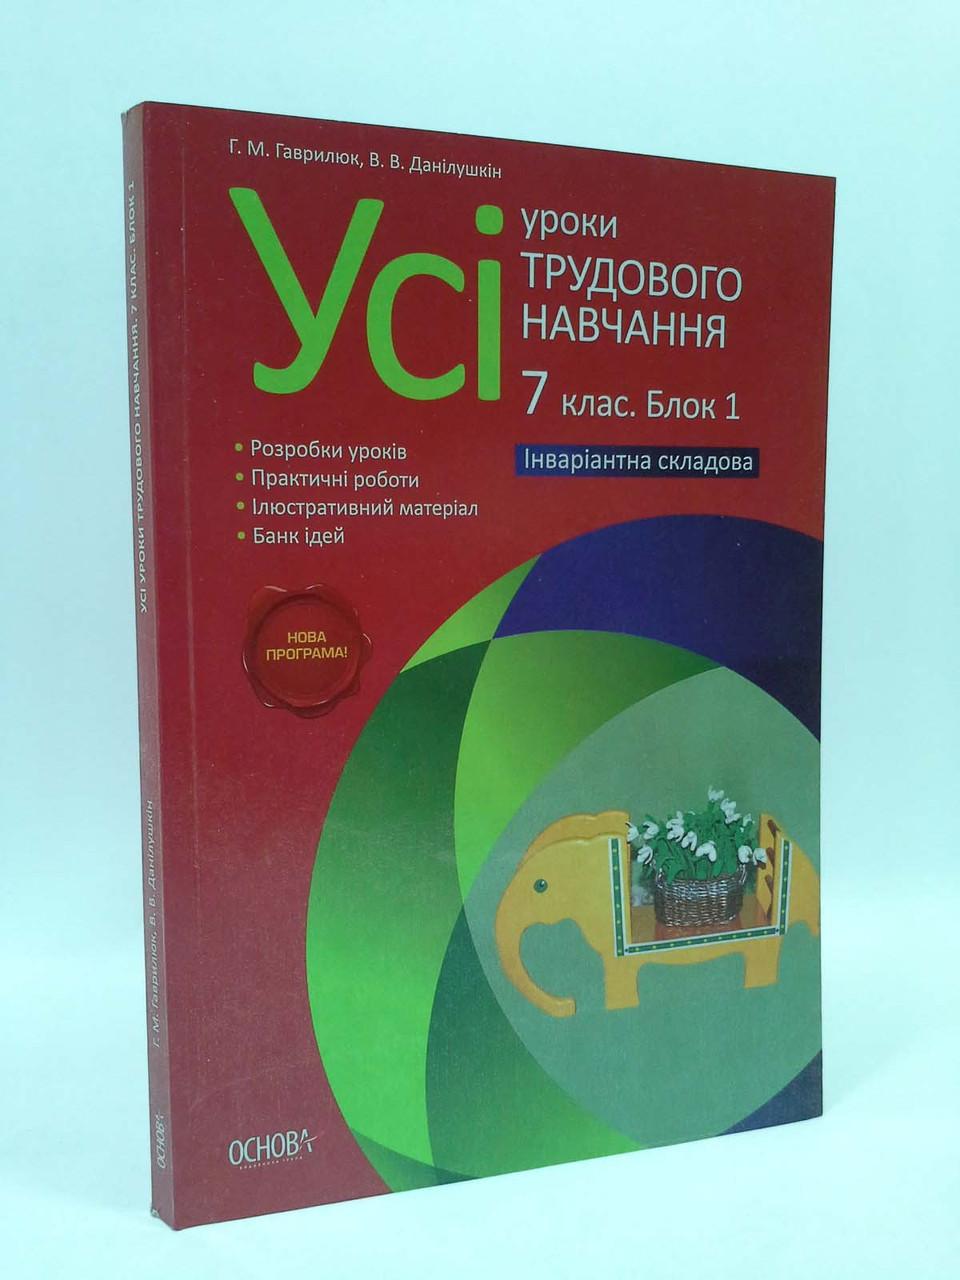 7 клас Основа Усі уроки Розробки уроків Трудове навчання 7 клас Блок 1 Інваріативна складова Гаврилюк